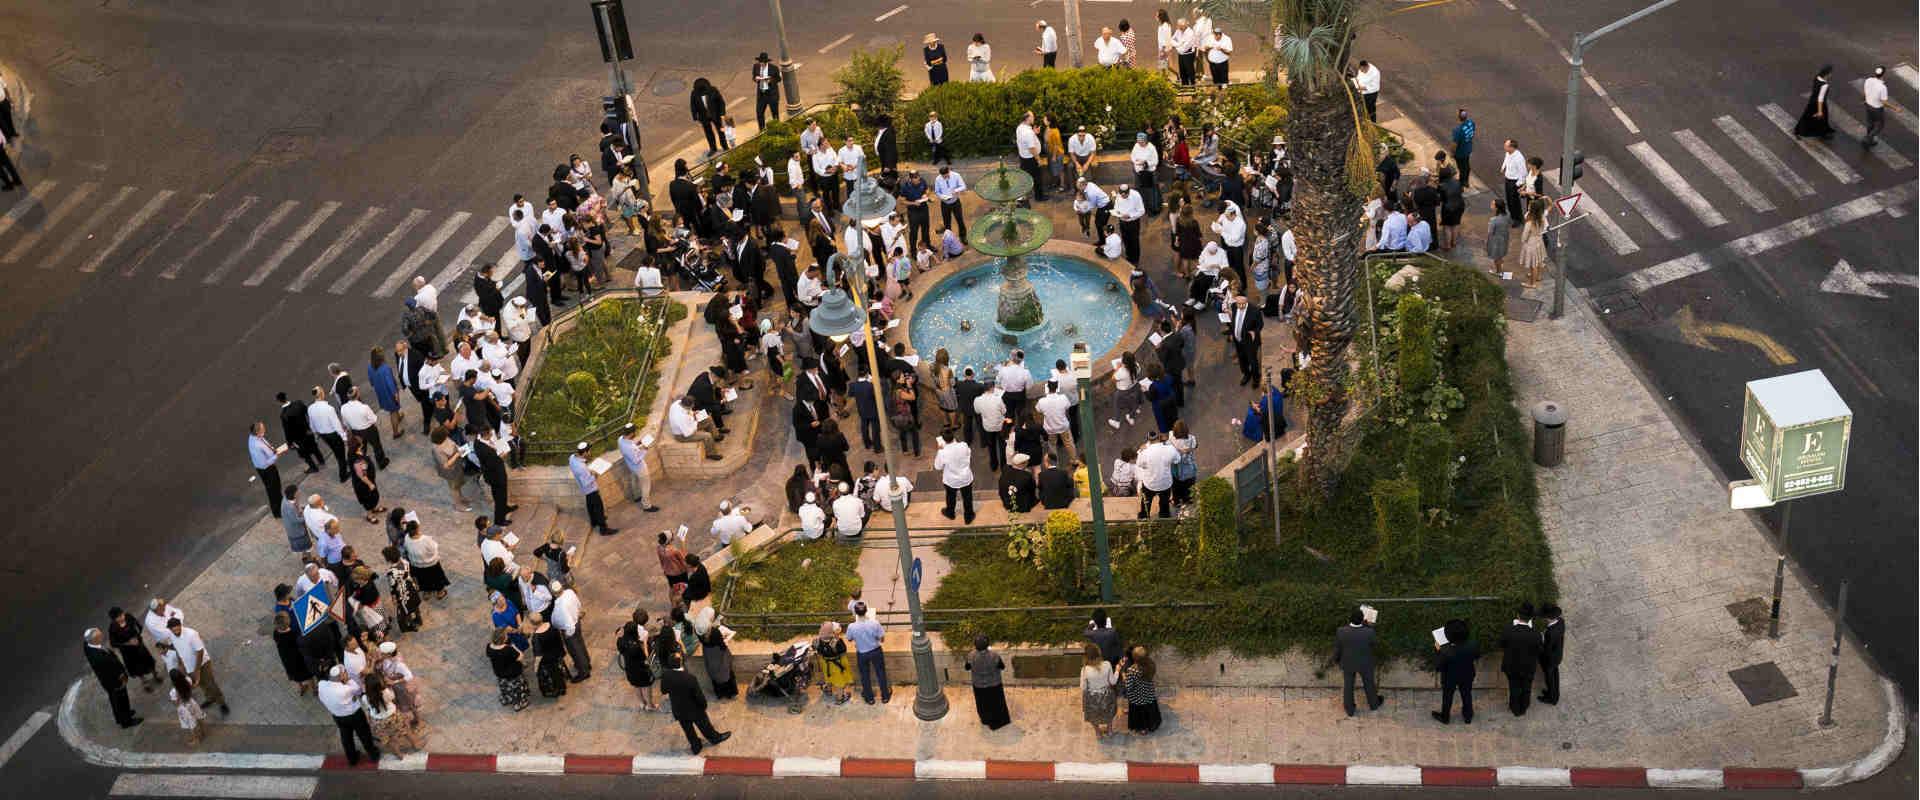 מתפללים בכיכר פריז בירושלים